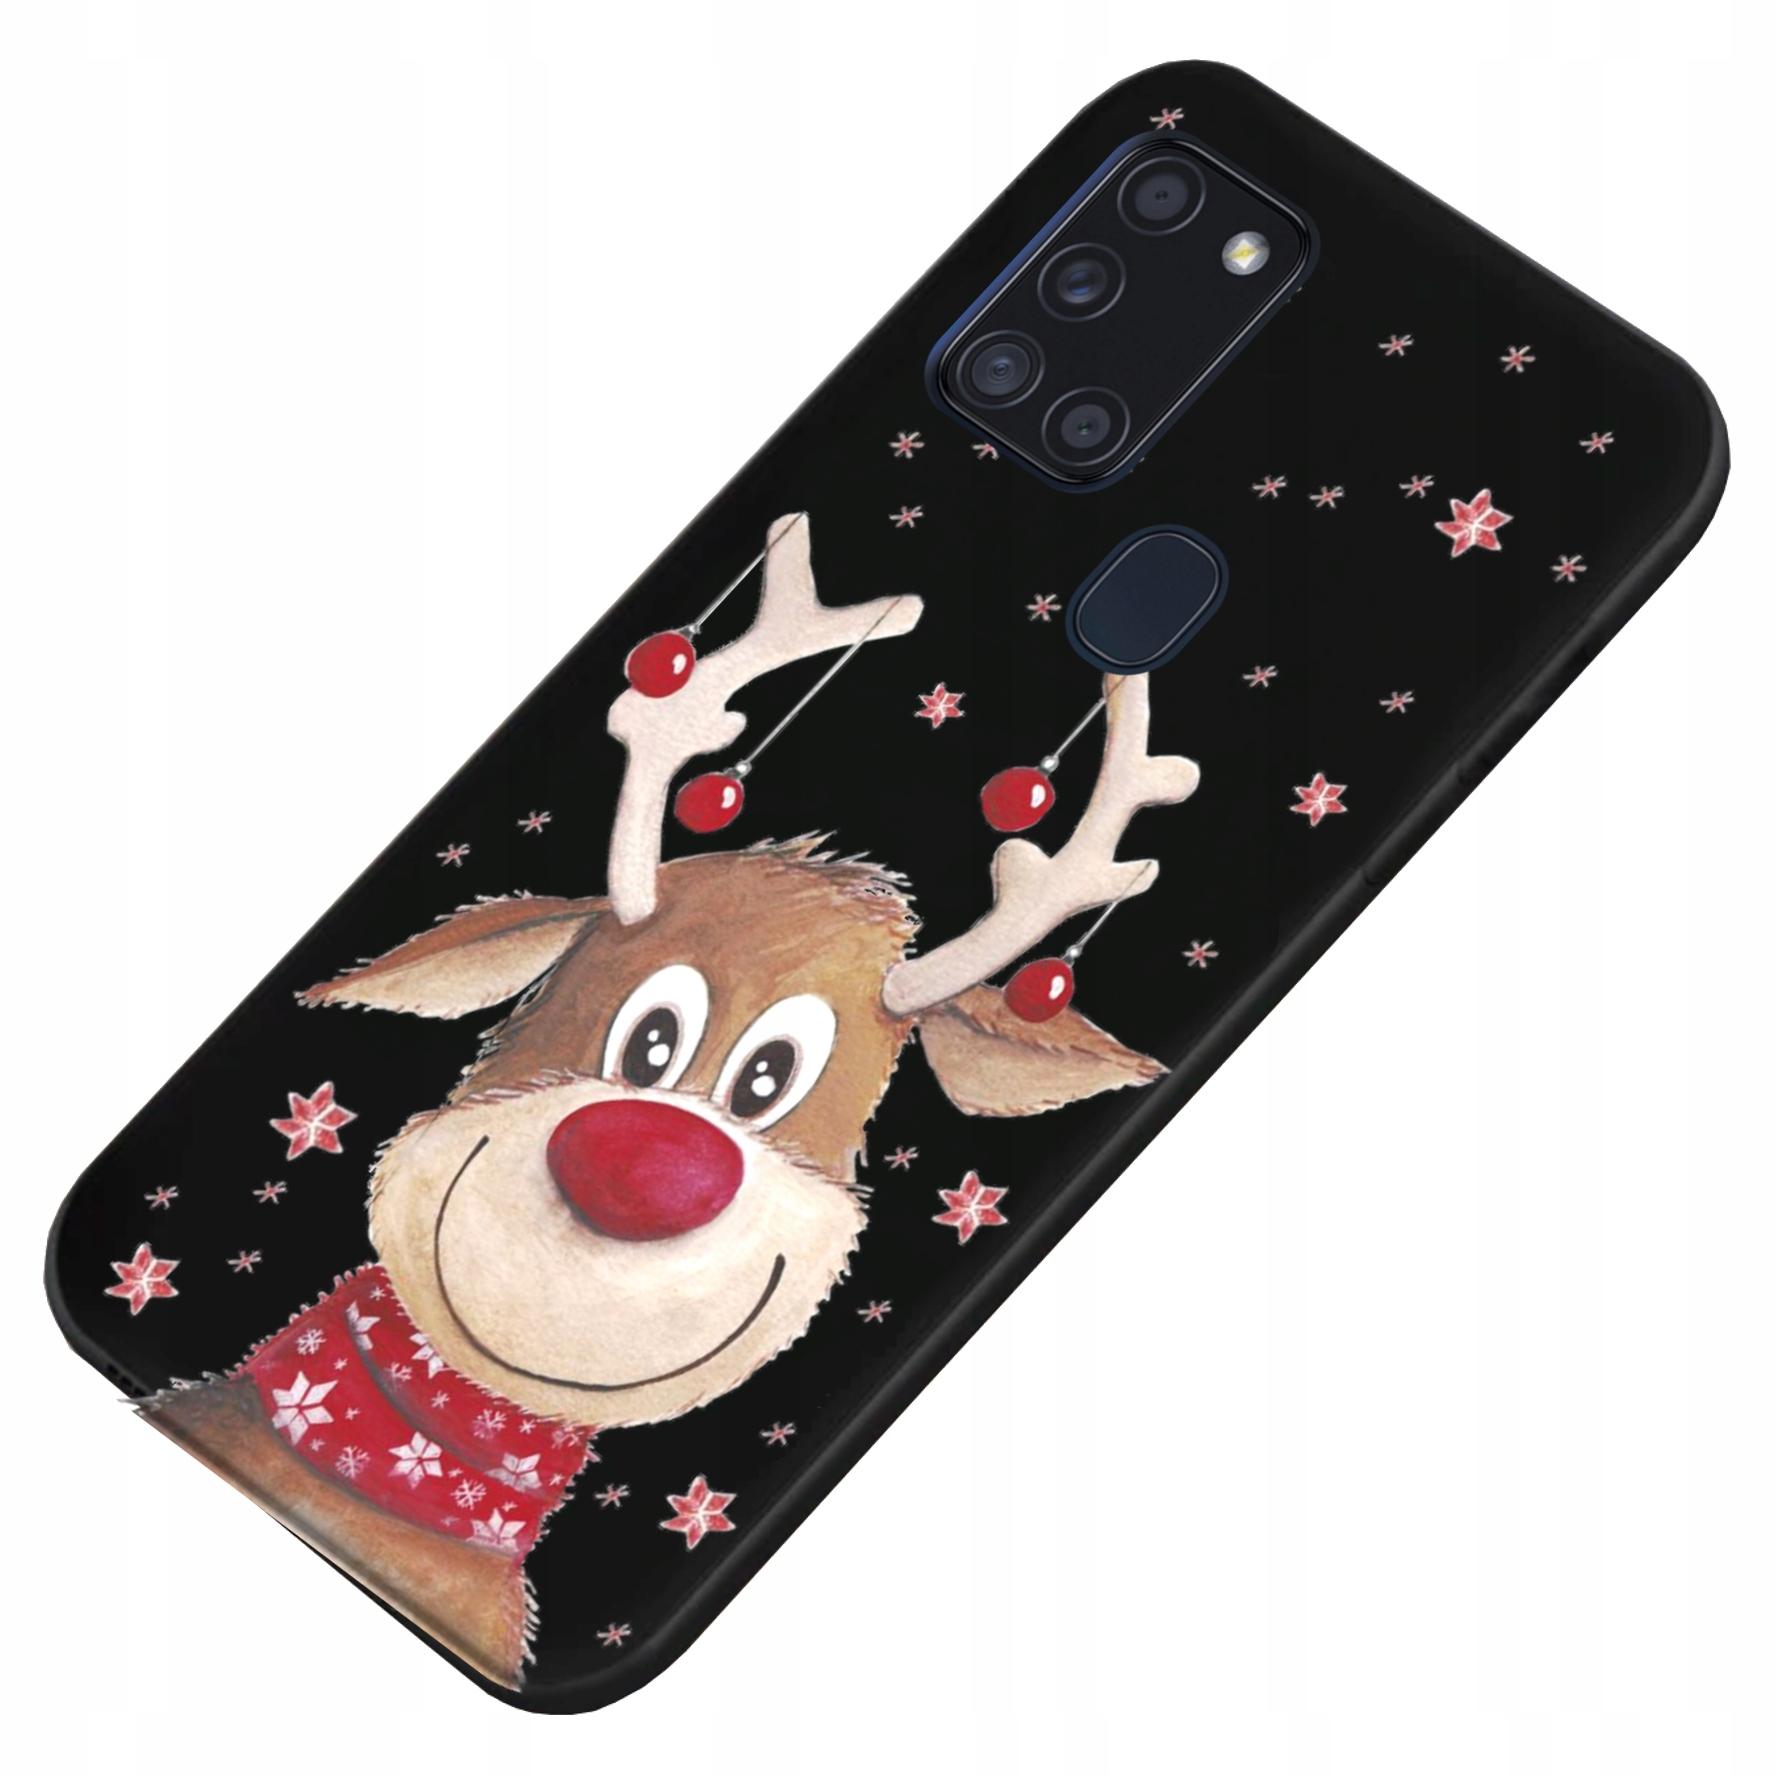 Case Etui Swiateczne Prezent Do Samsung A21s Wzory 9810946114 Sklep Internetowy Agd Rtv Telefony Laptopy Allegro Pl